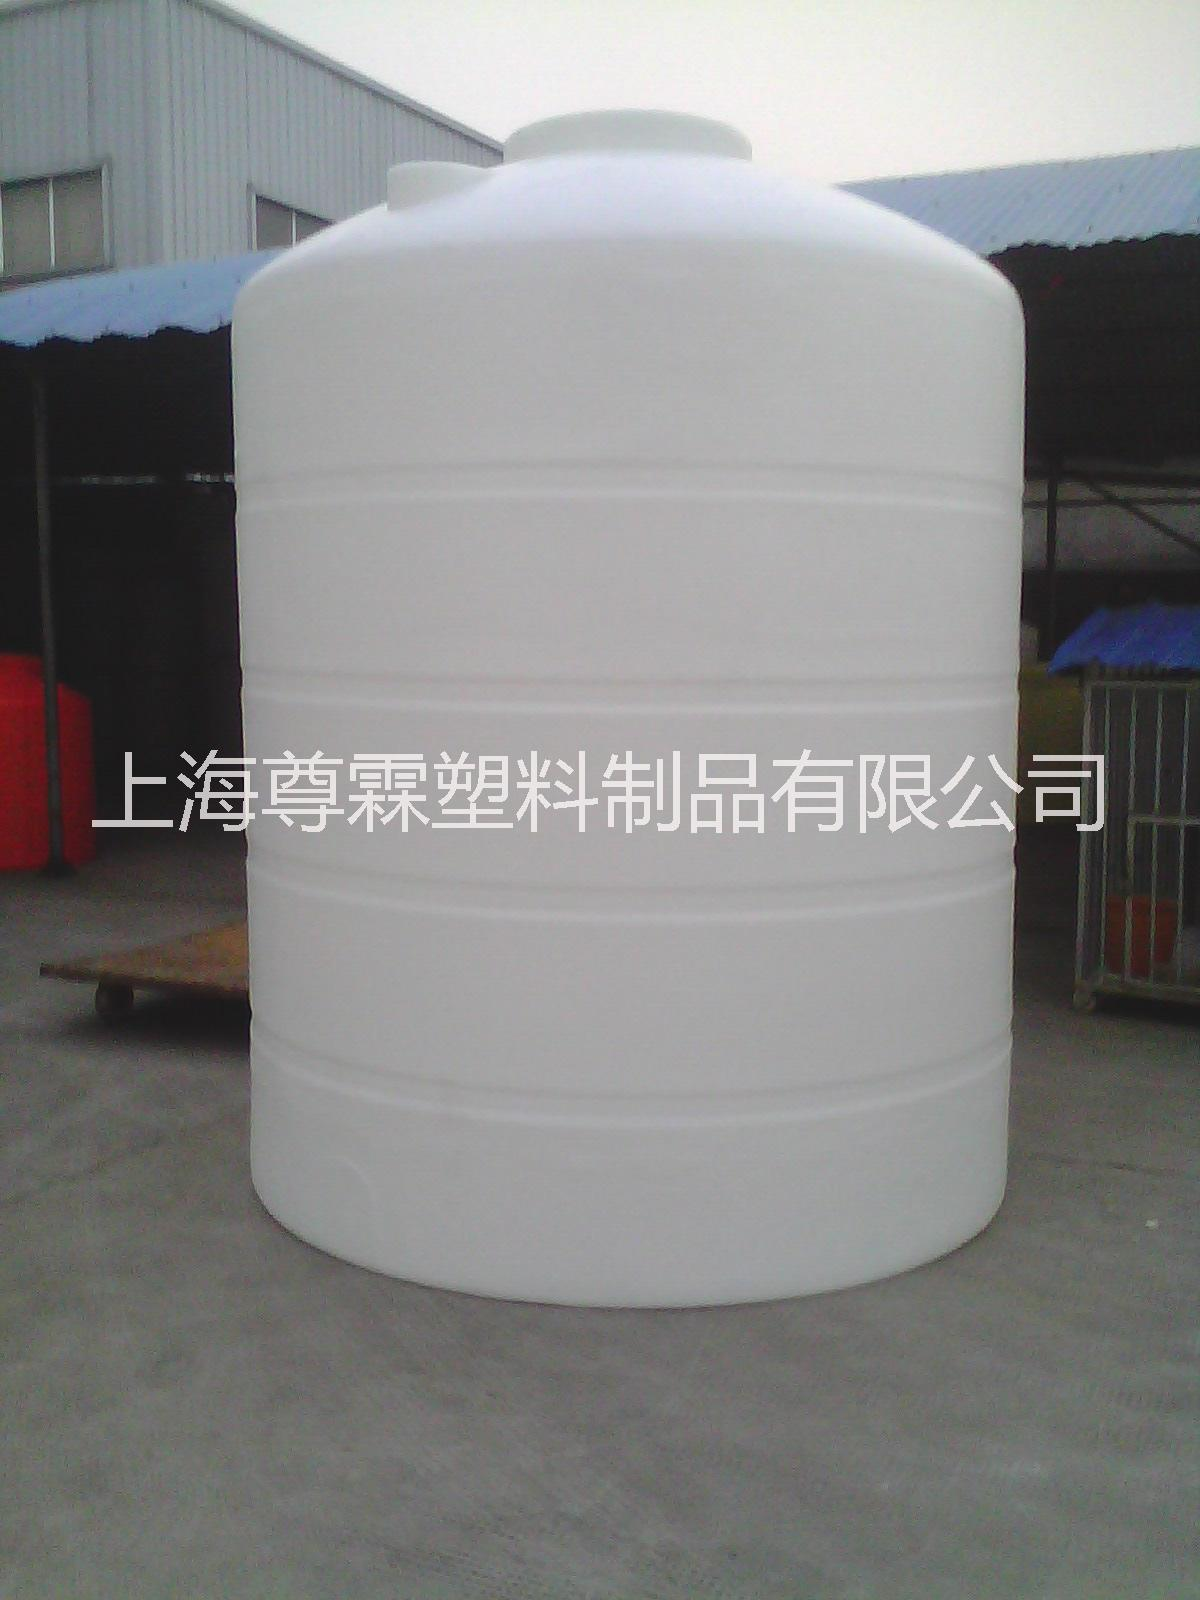 浙江6吨塑料水箱 6立方pe水塔 6吨塑料储罐 浙江6吨pe水桶